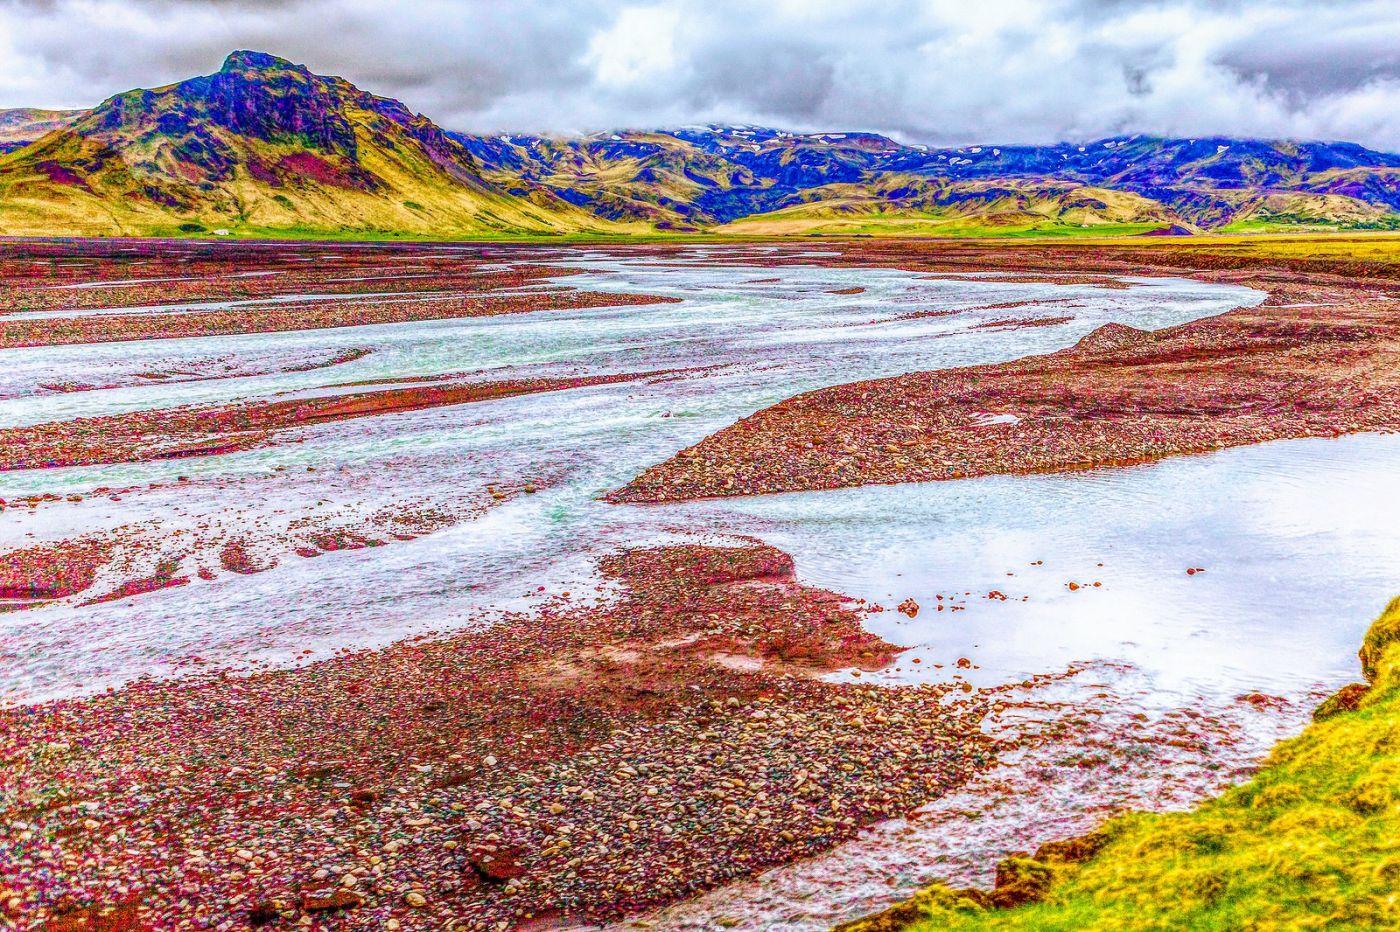 冰岛风采,延伸视野_图1-25